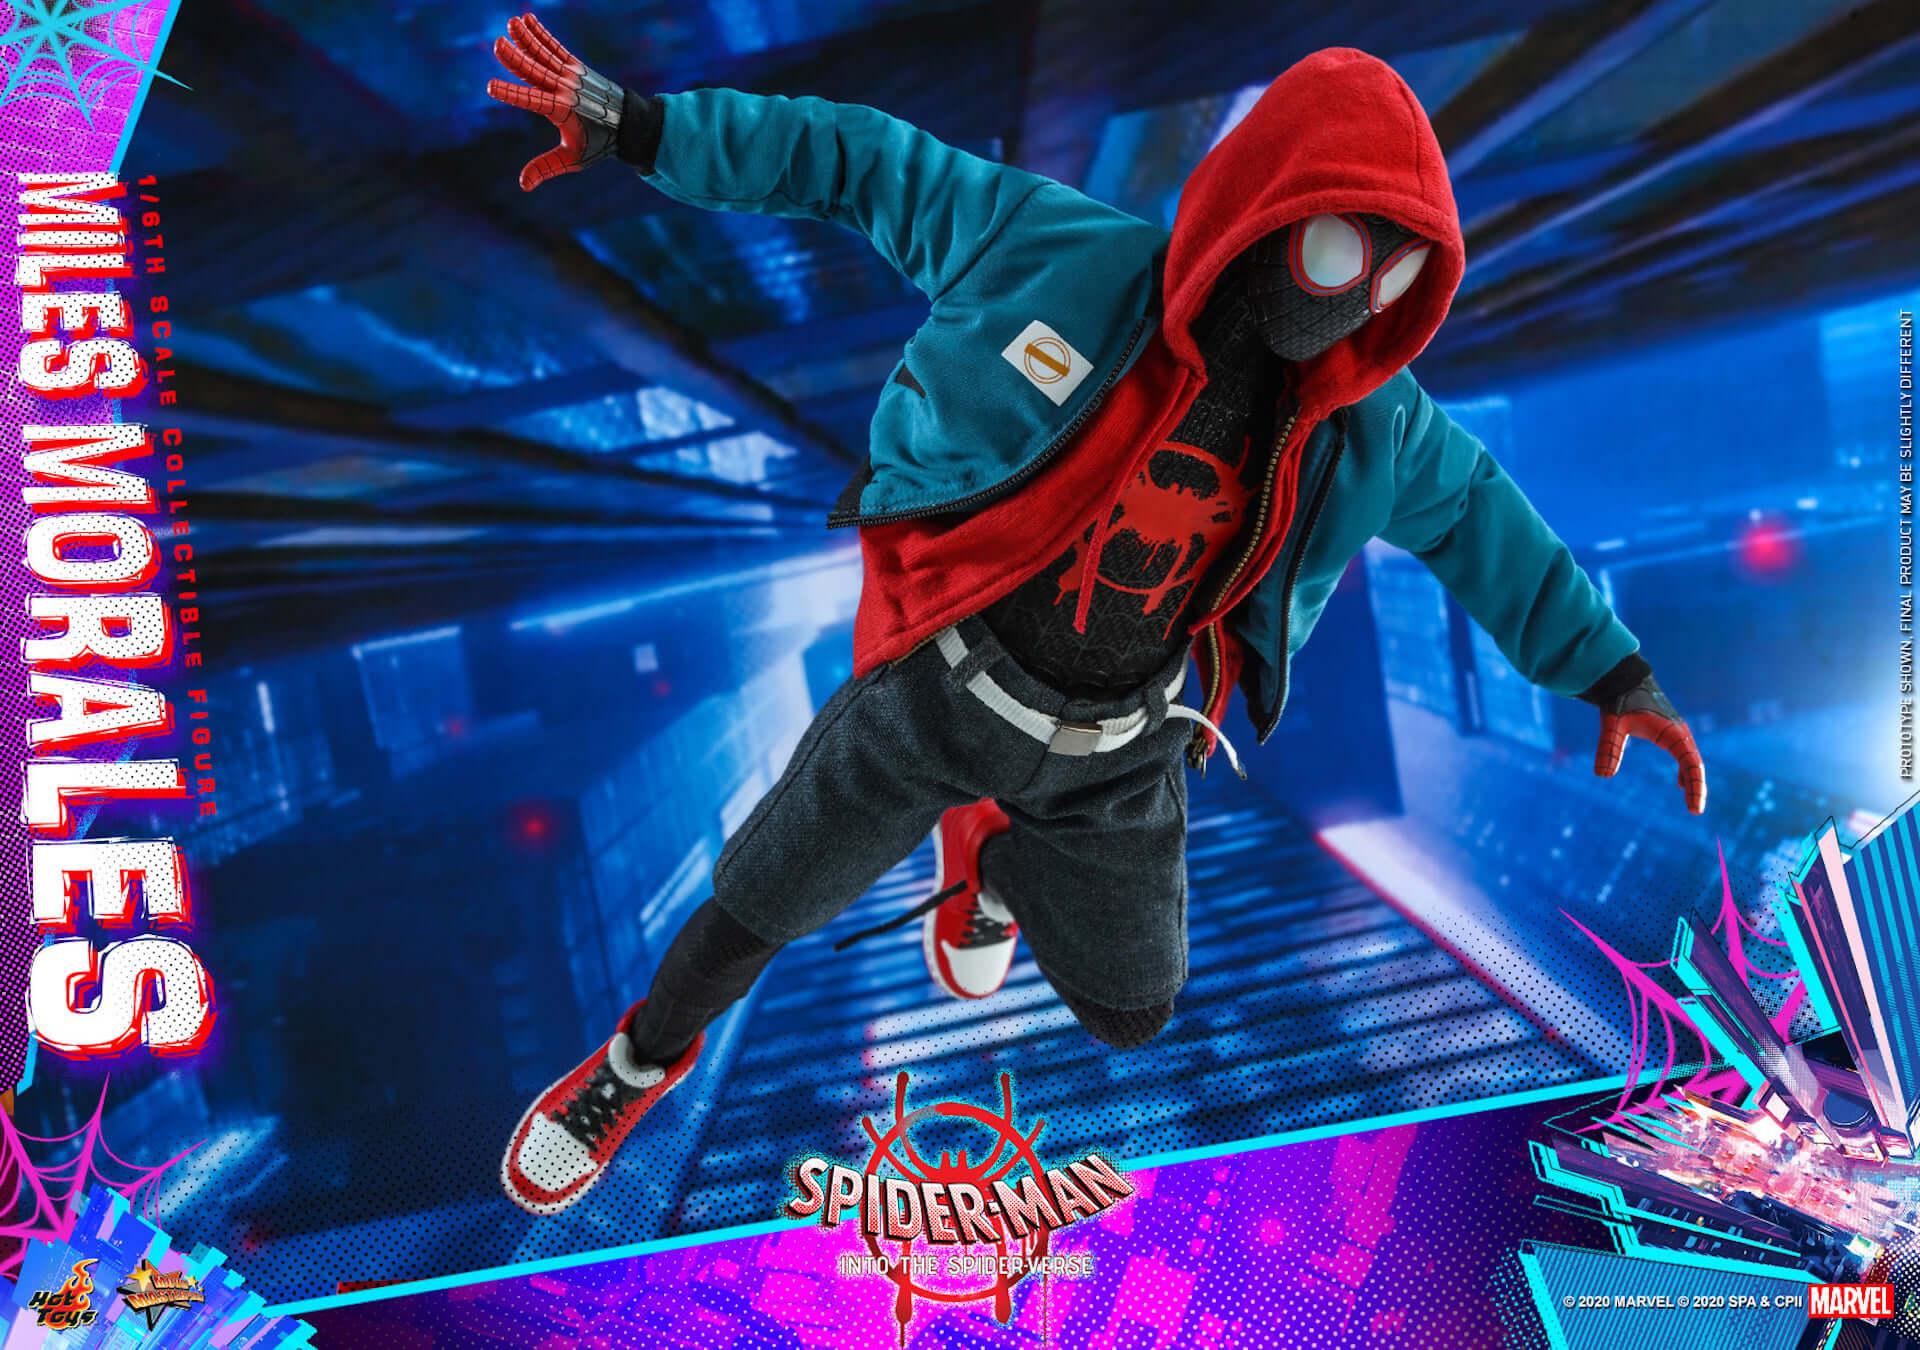 ついに『スパイダーマン:スパイダーバース』のマイルス・スパイダーマンがフィギュアに!ホットトイズ「ムービー・マスターピース」シリーズ新登場 film200310_spiderman_32-1920x1350